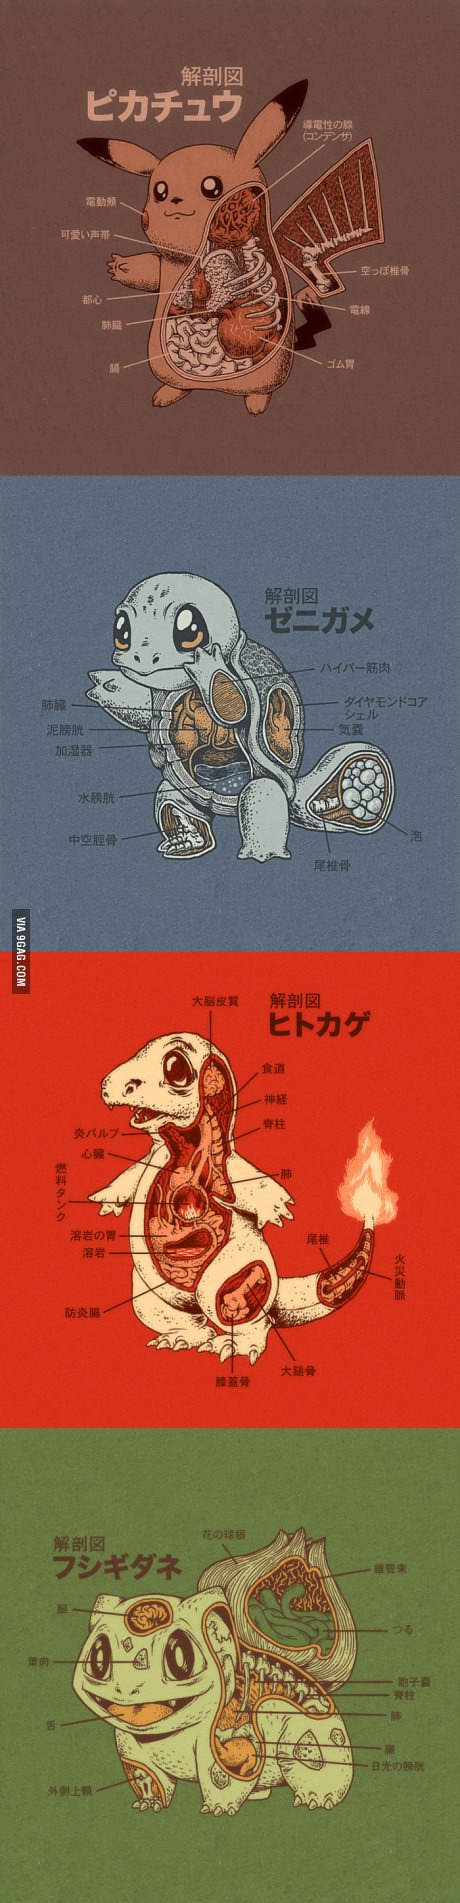 Pokemon Anatomy on 9GAG